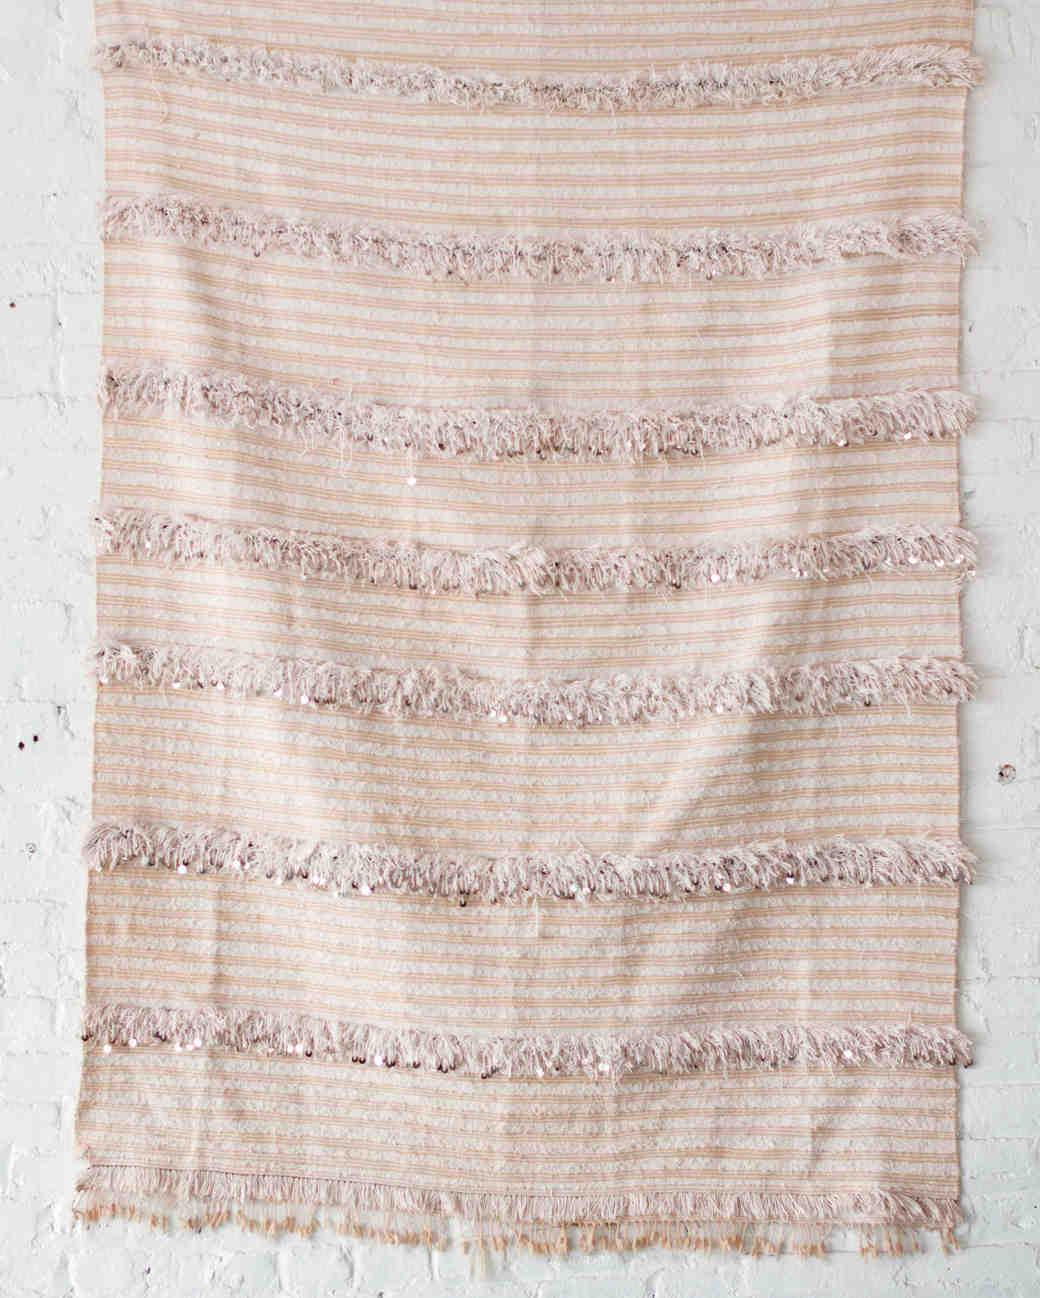 surprising-rentals-rent-patina-moroccan-wedding-blanket-0615.jpg